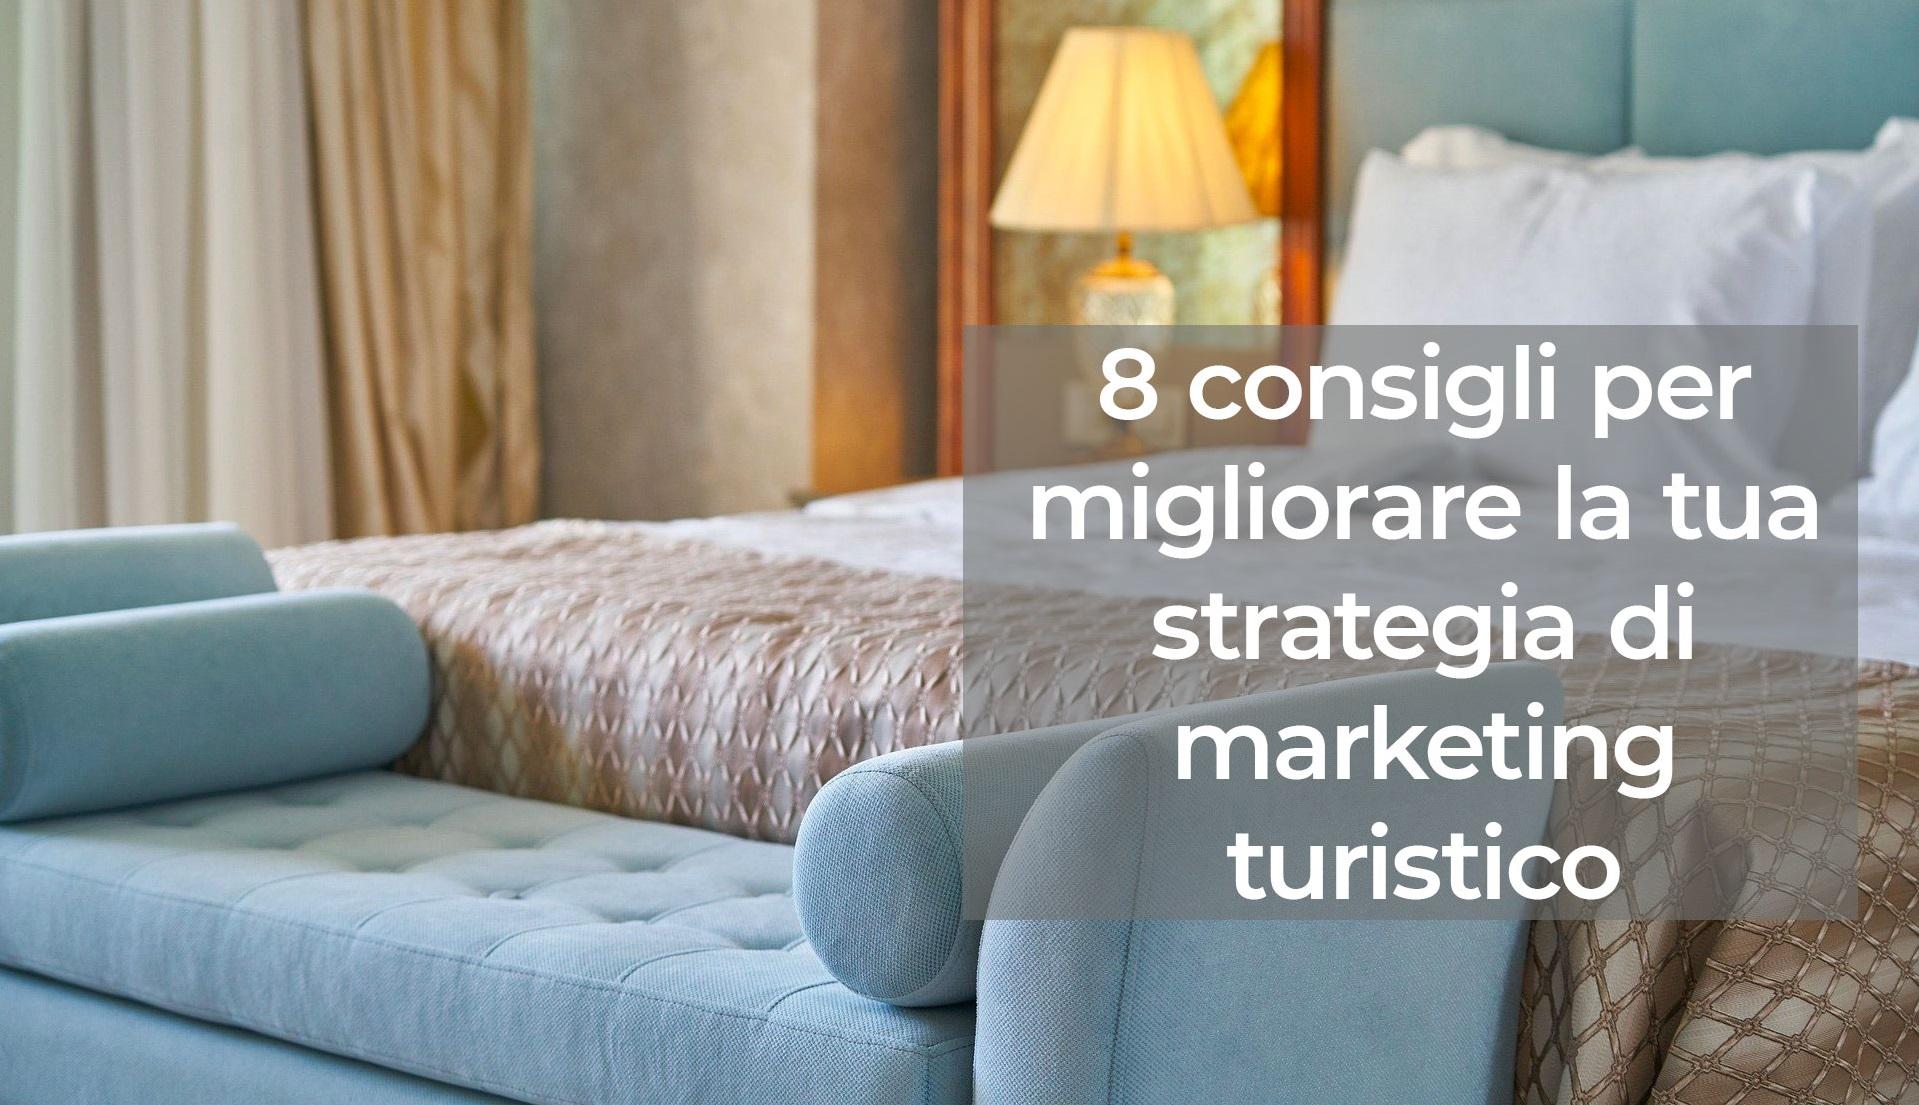 8 consigli per migliorare la tua strategia di marketing turistico